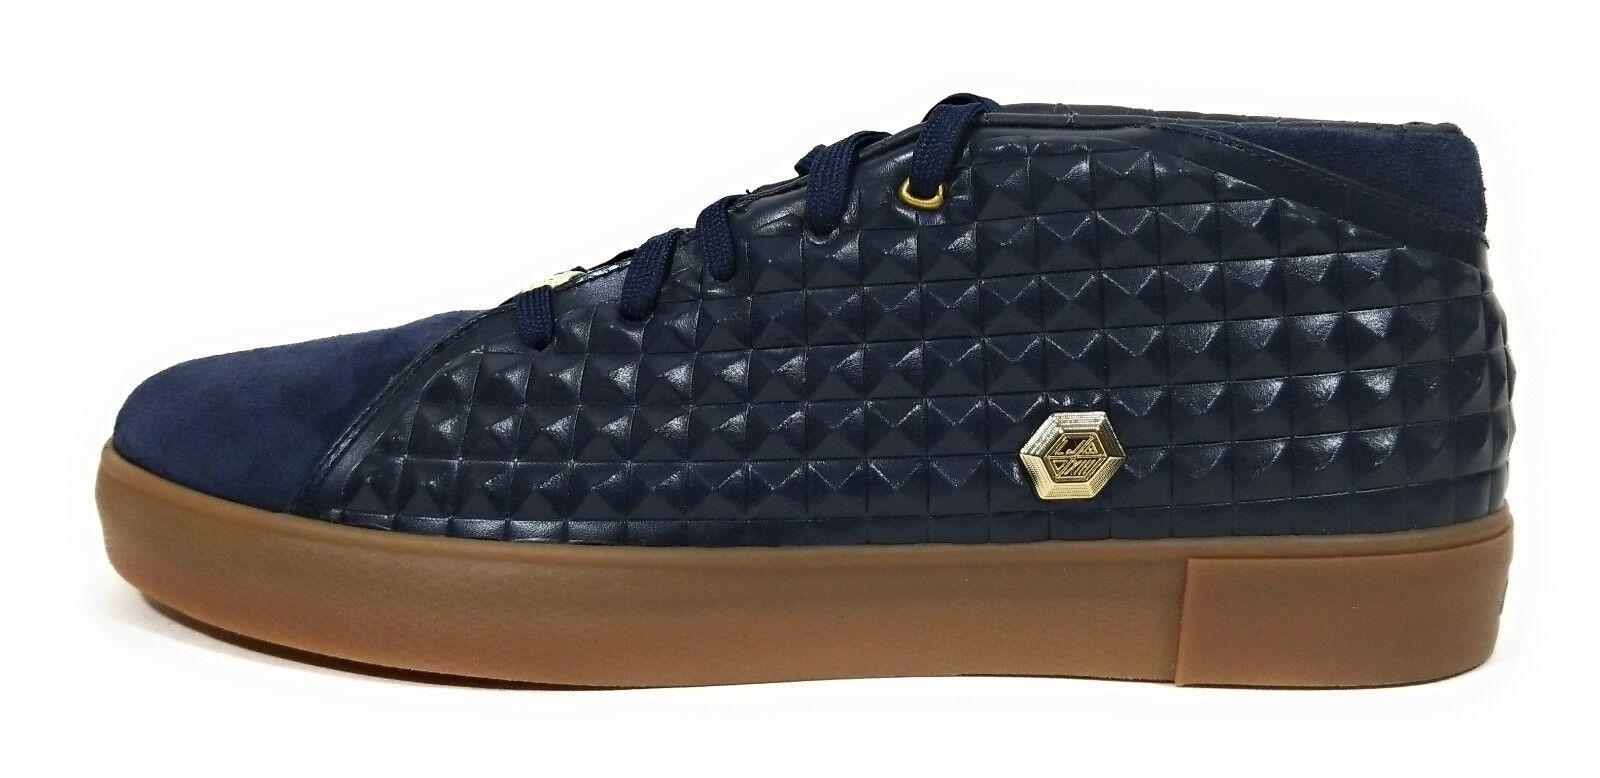 Nike Lebron XIII Lifestyle Mens Shoes Blue Size 10.5